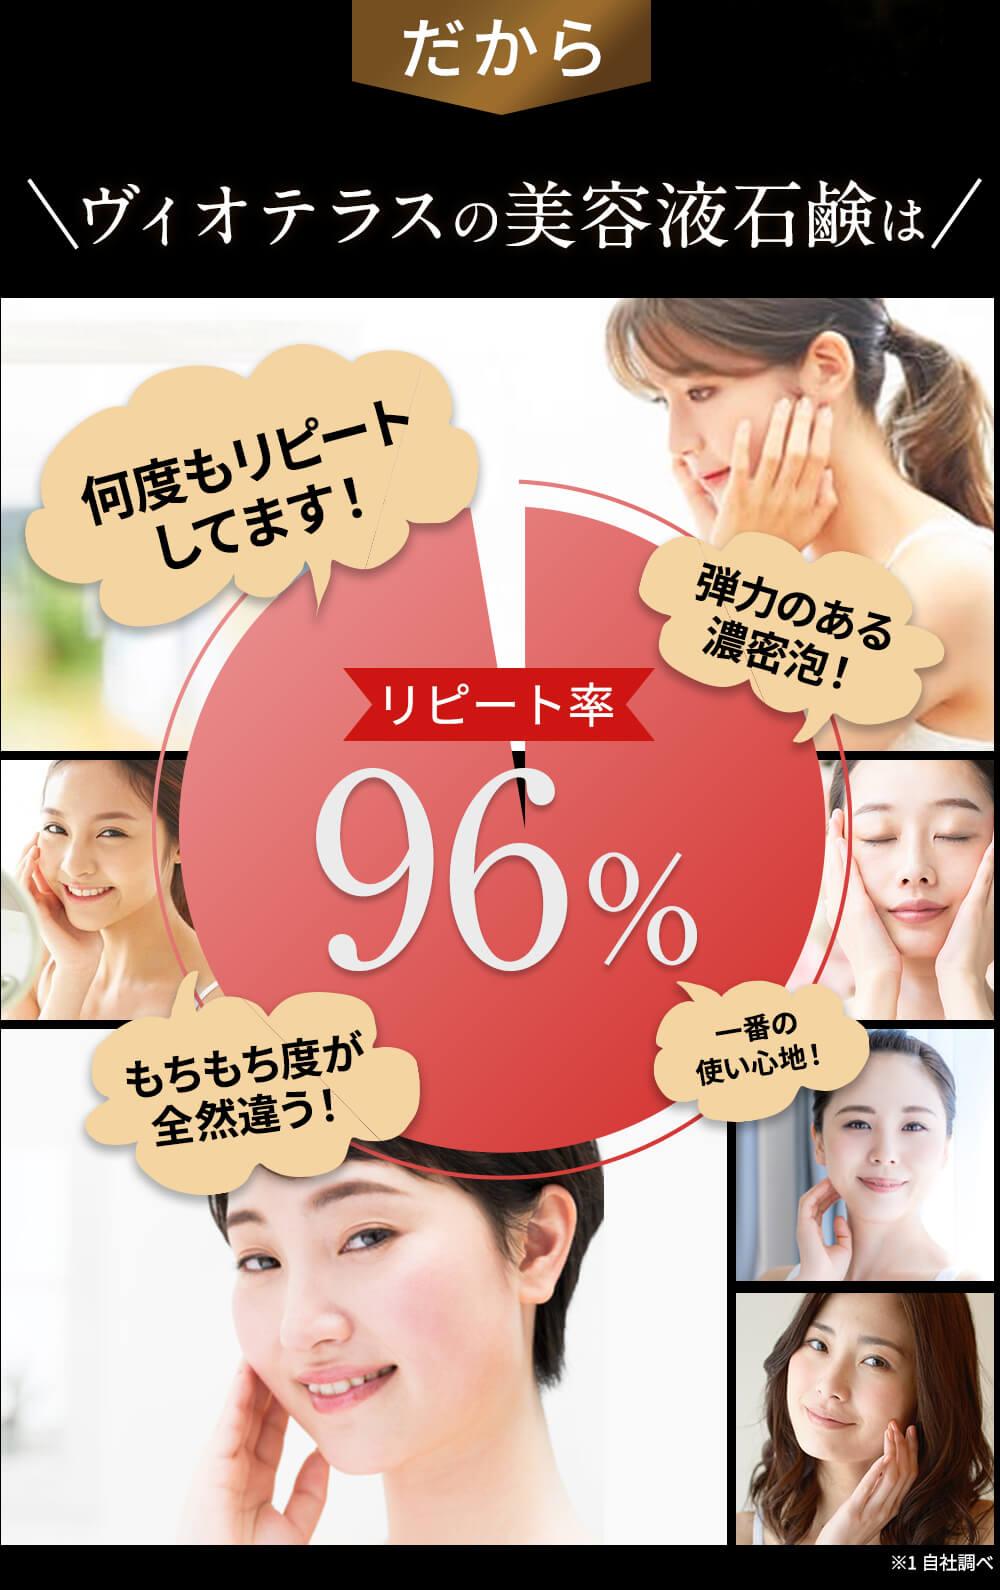 だからヴィオテラスの美容液石鹸はリピート率90%